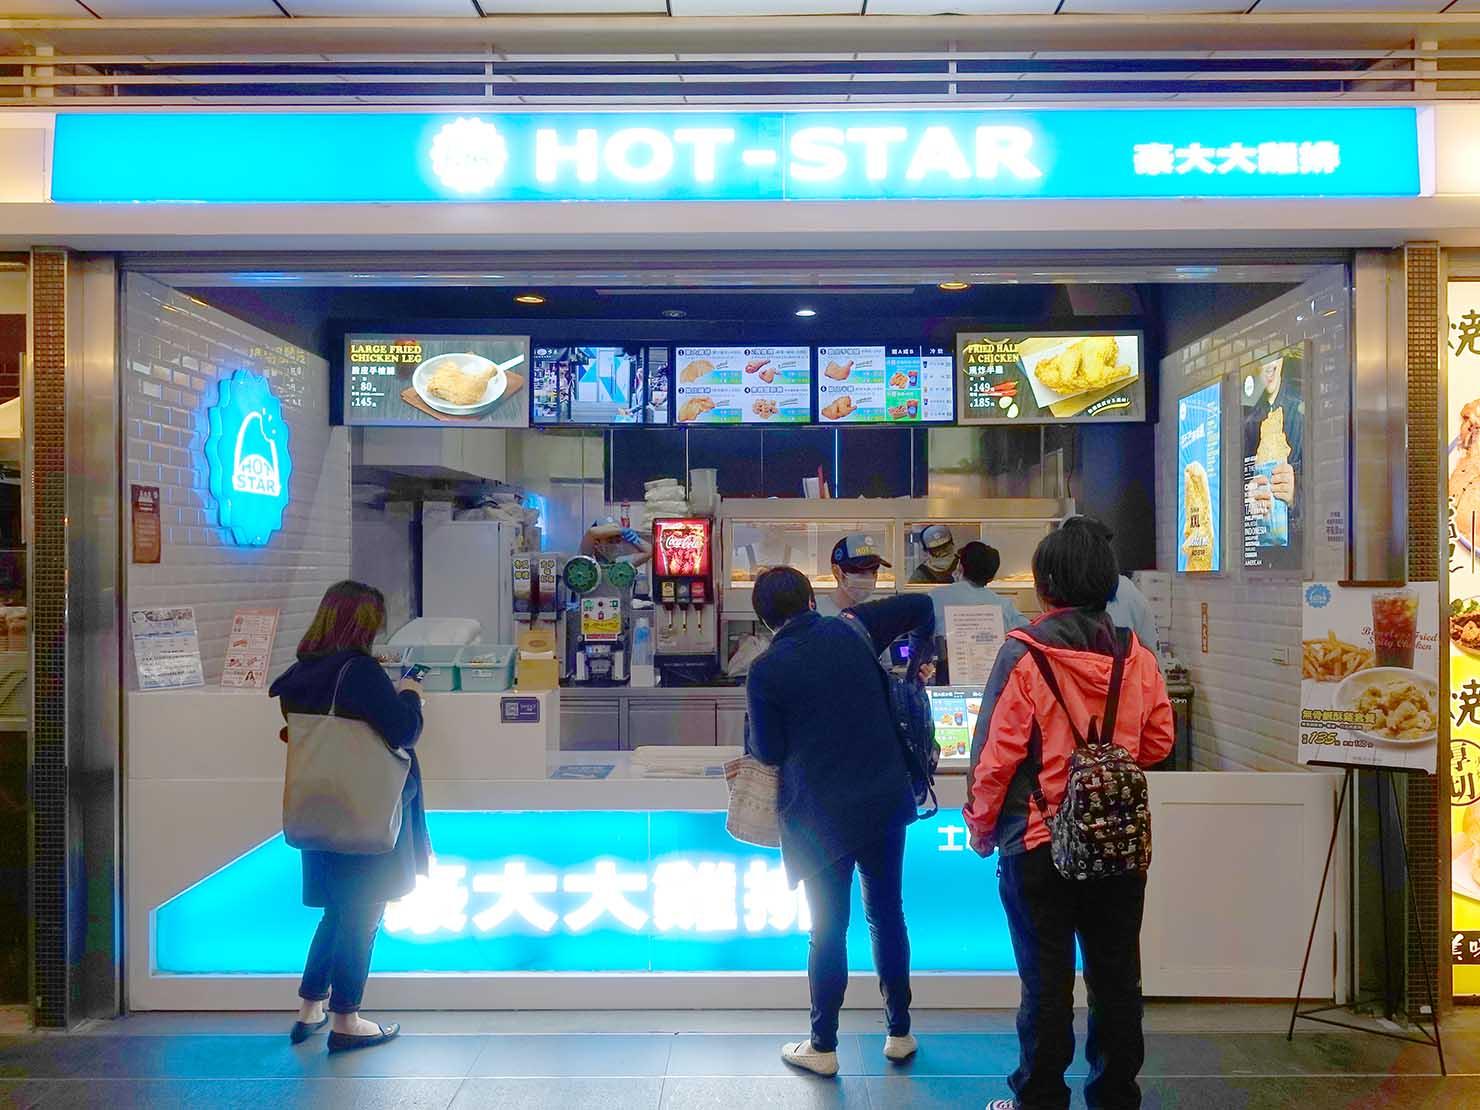 台北駅駅ナカ(車站大廳)のおすすめグルメ店「HOT-STAR 豪大大雞排」の外観